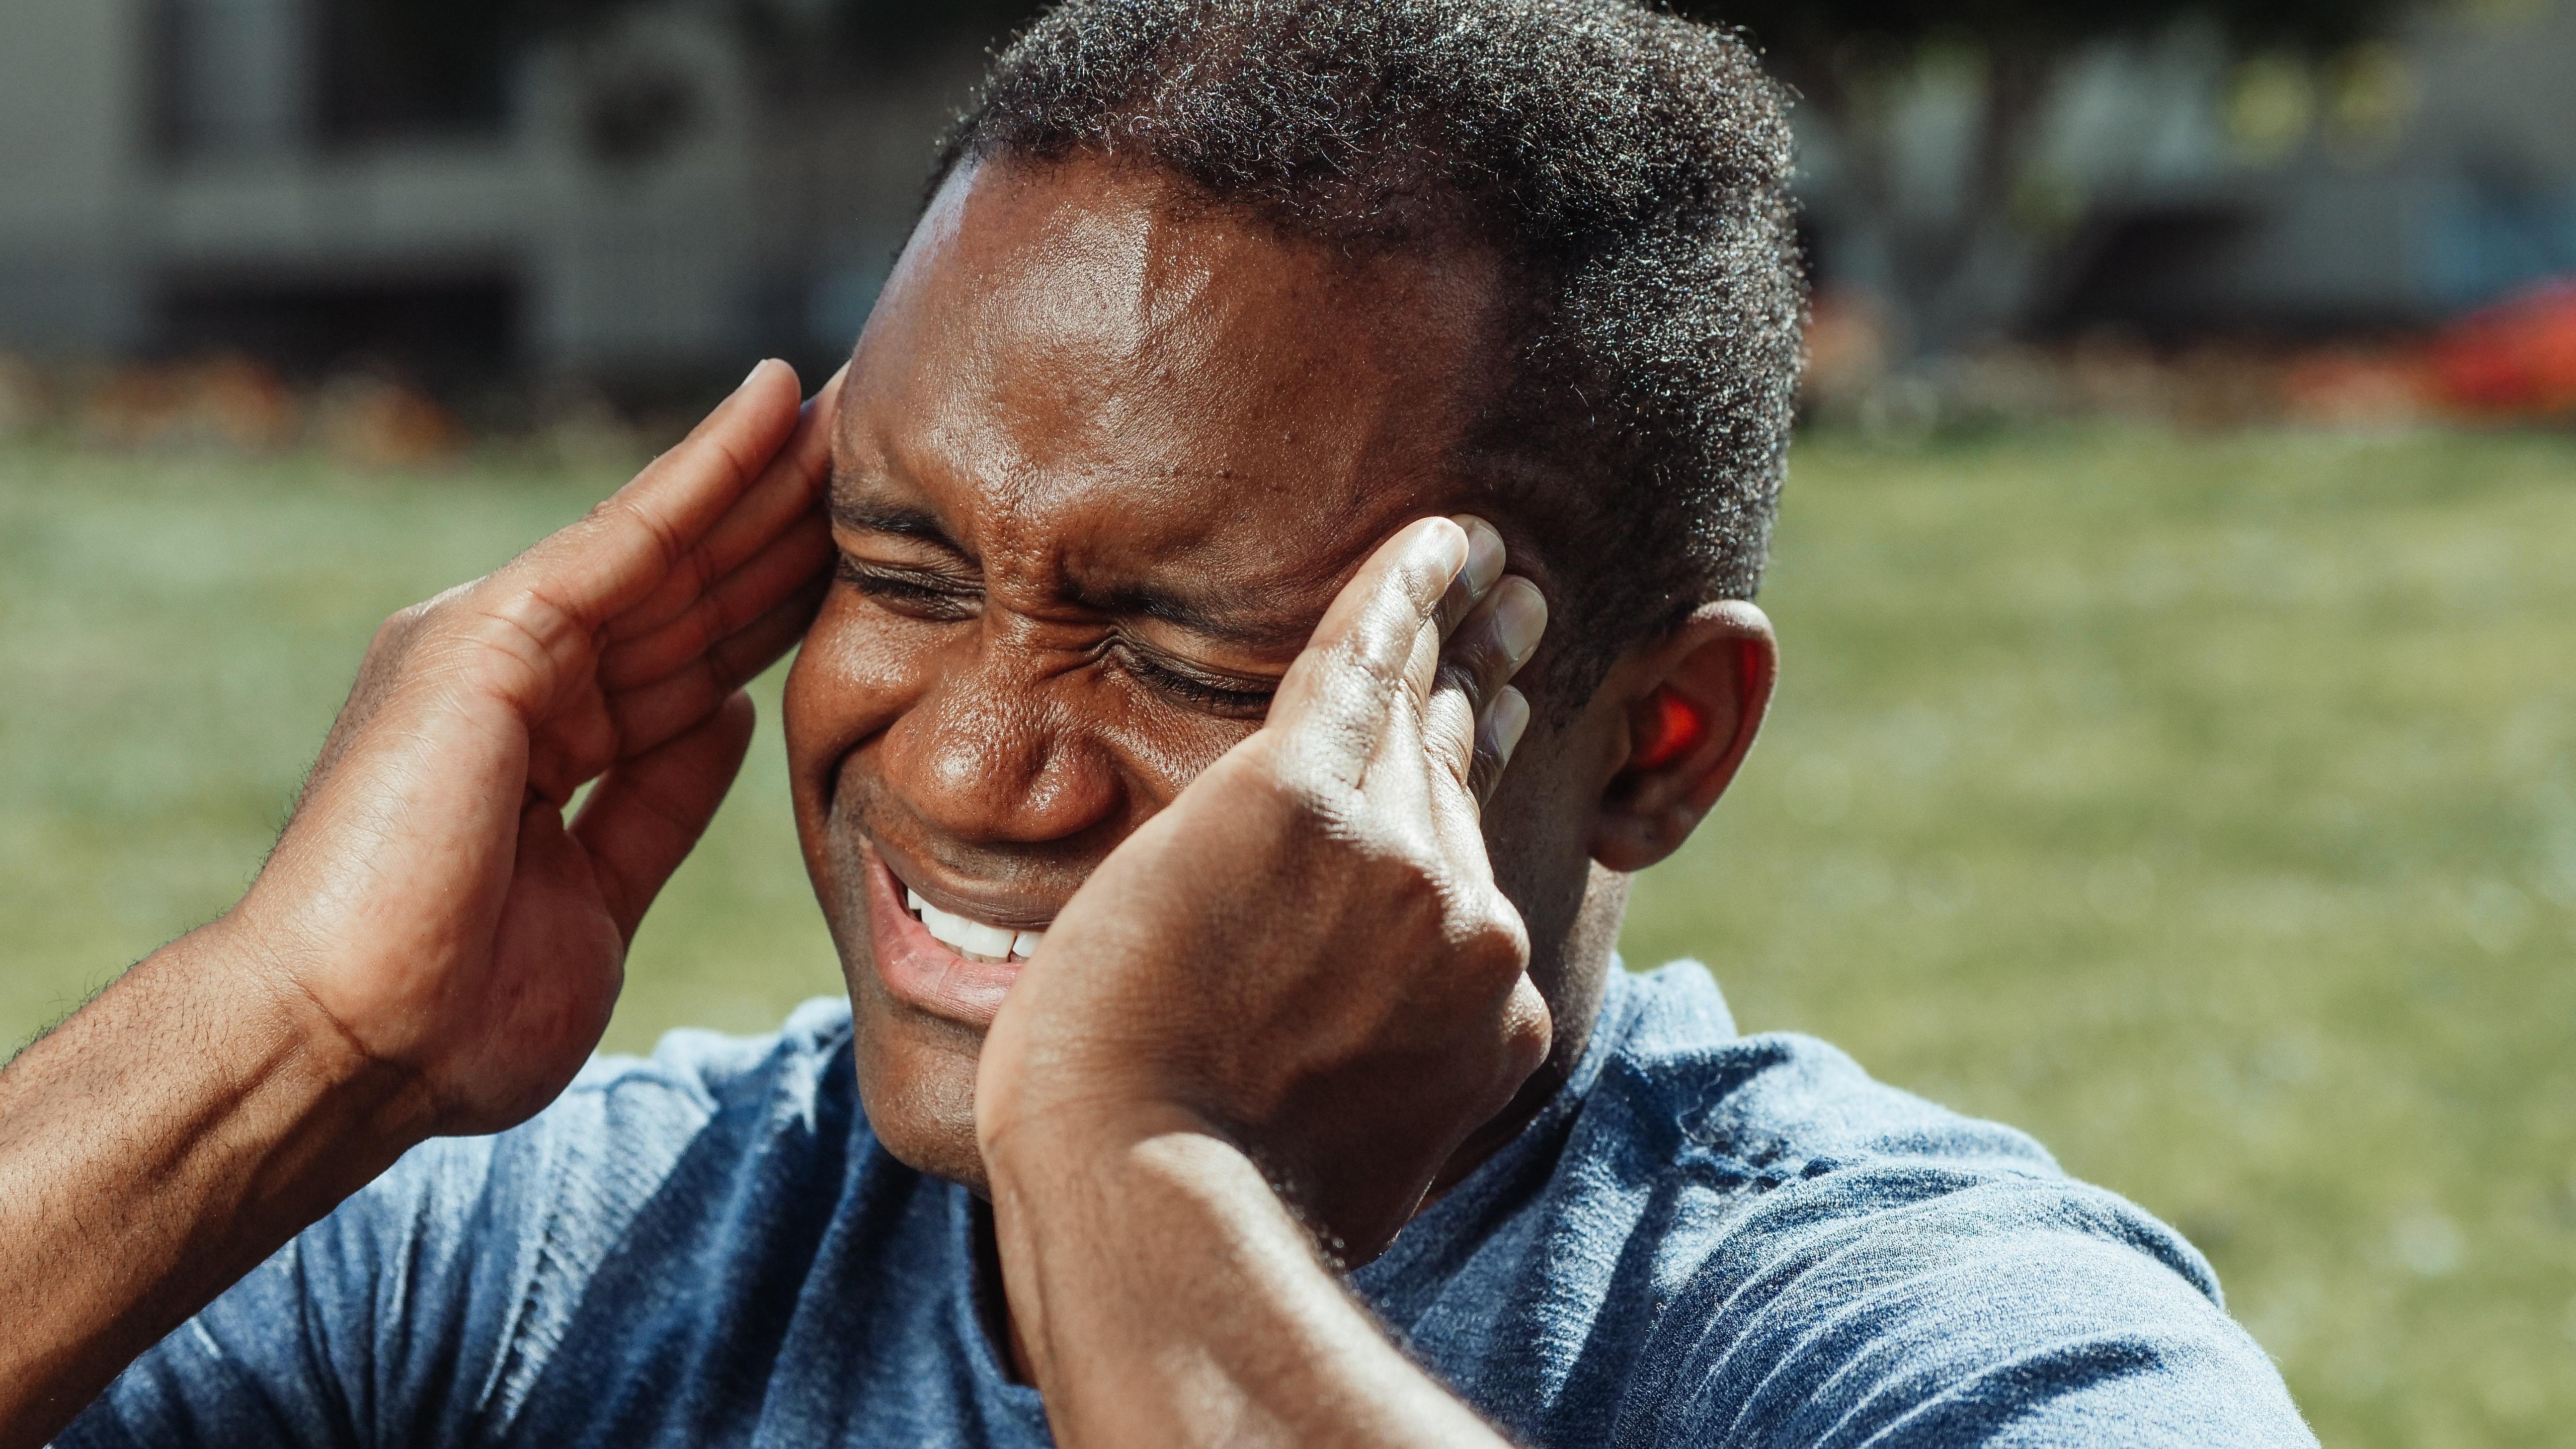 Kopfschmerzen bei Hitze lassen sich mit ein paar Tipps gut in den Griff kriegen.